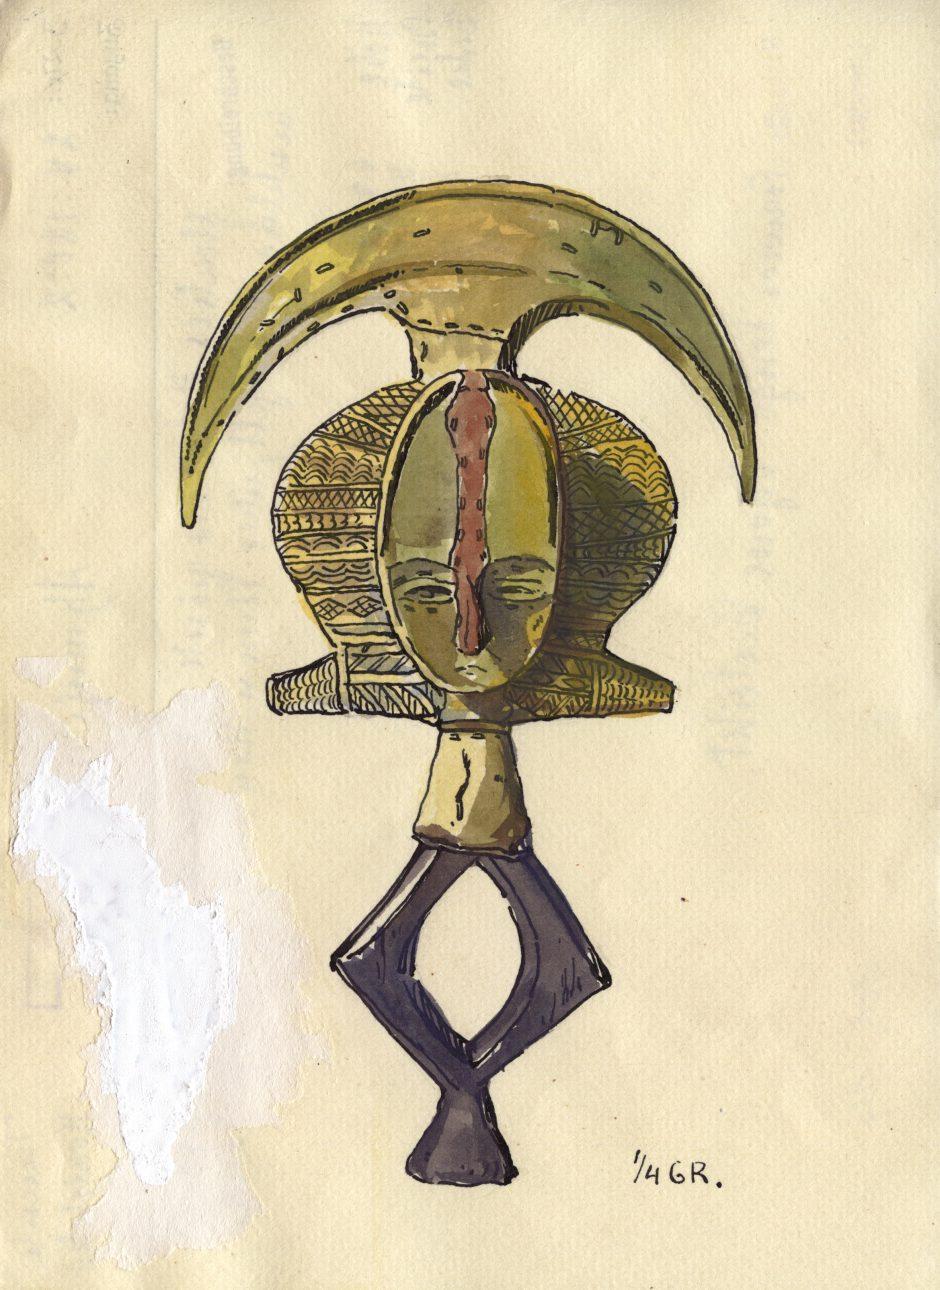 Inventarkartenzeichnung einer Kota Reliquarfigur